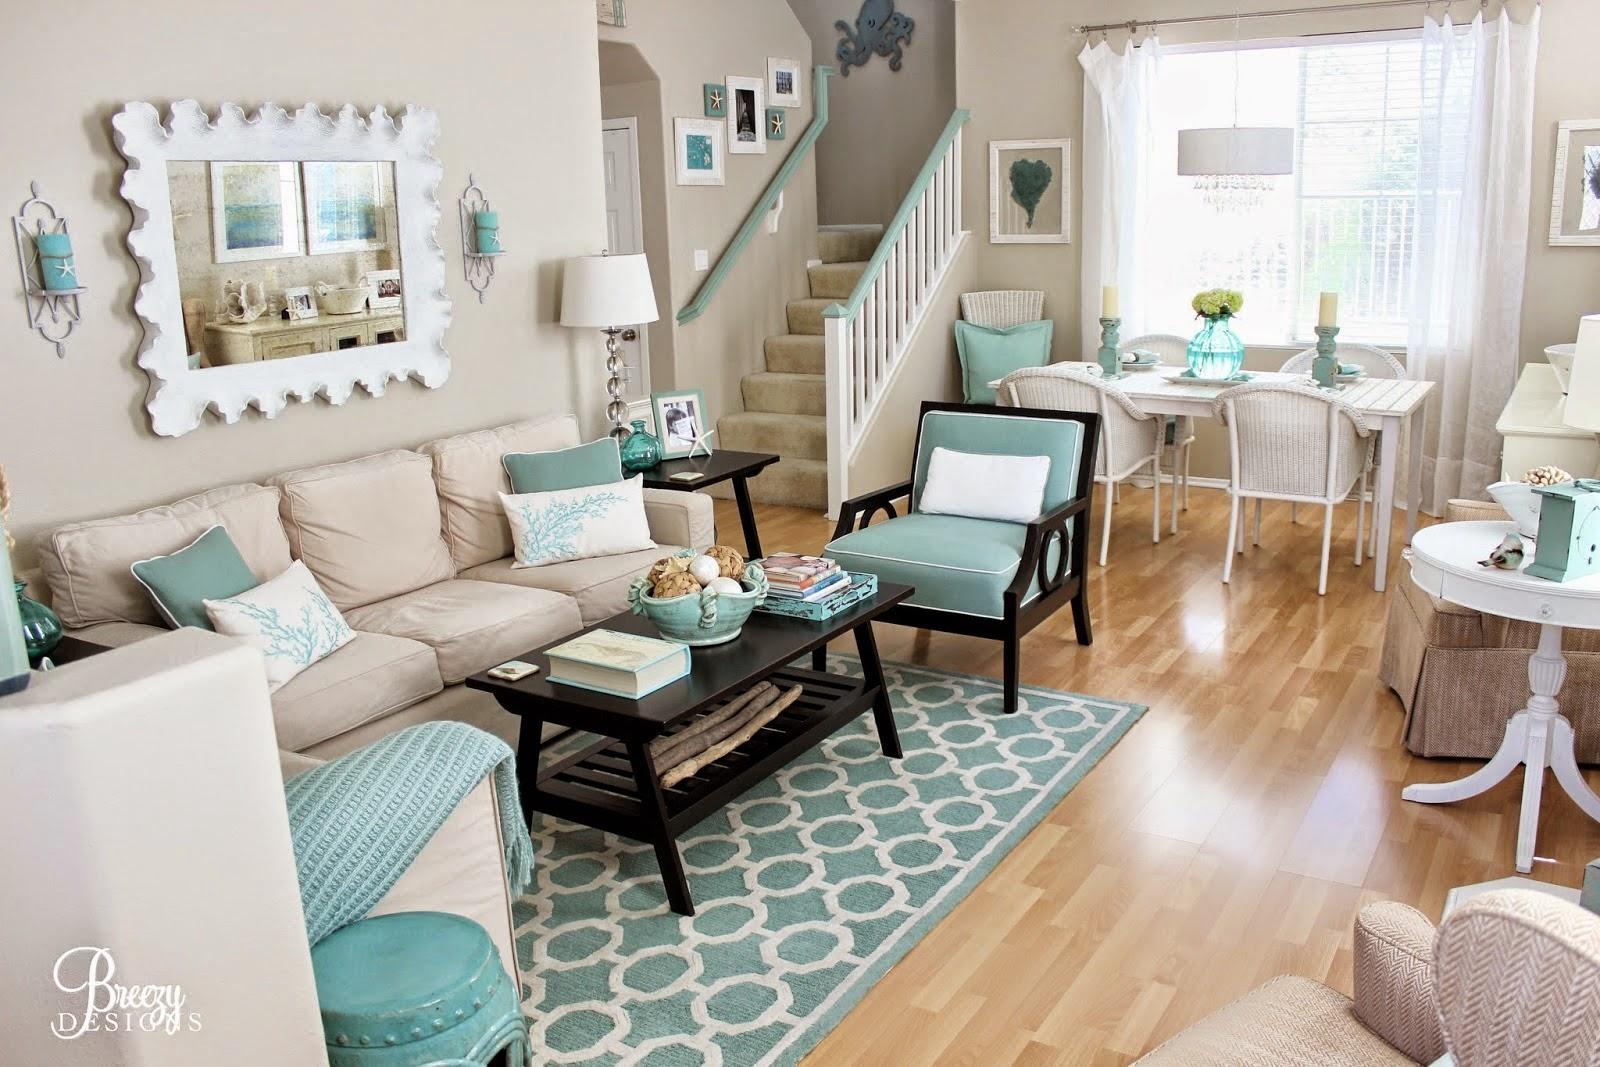 Un hogar en azul turquesa cocochicdeco - Decoracion en tonos turquesa ...